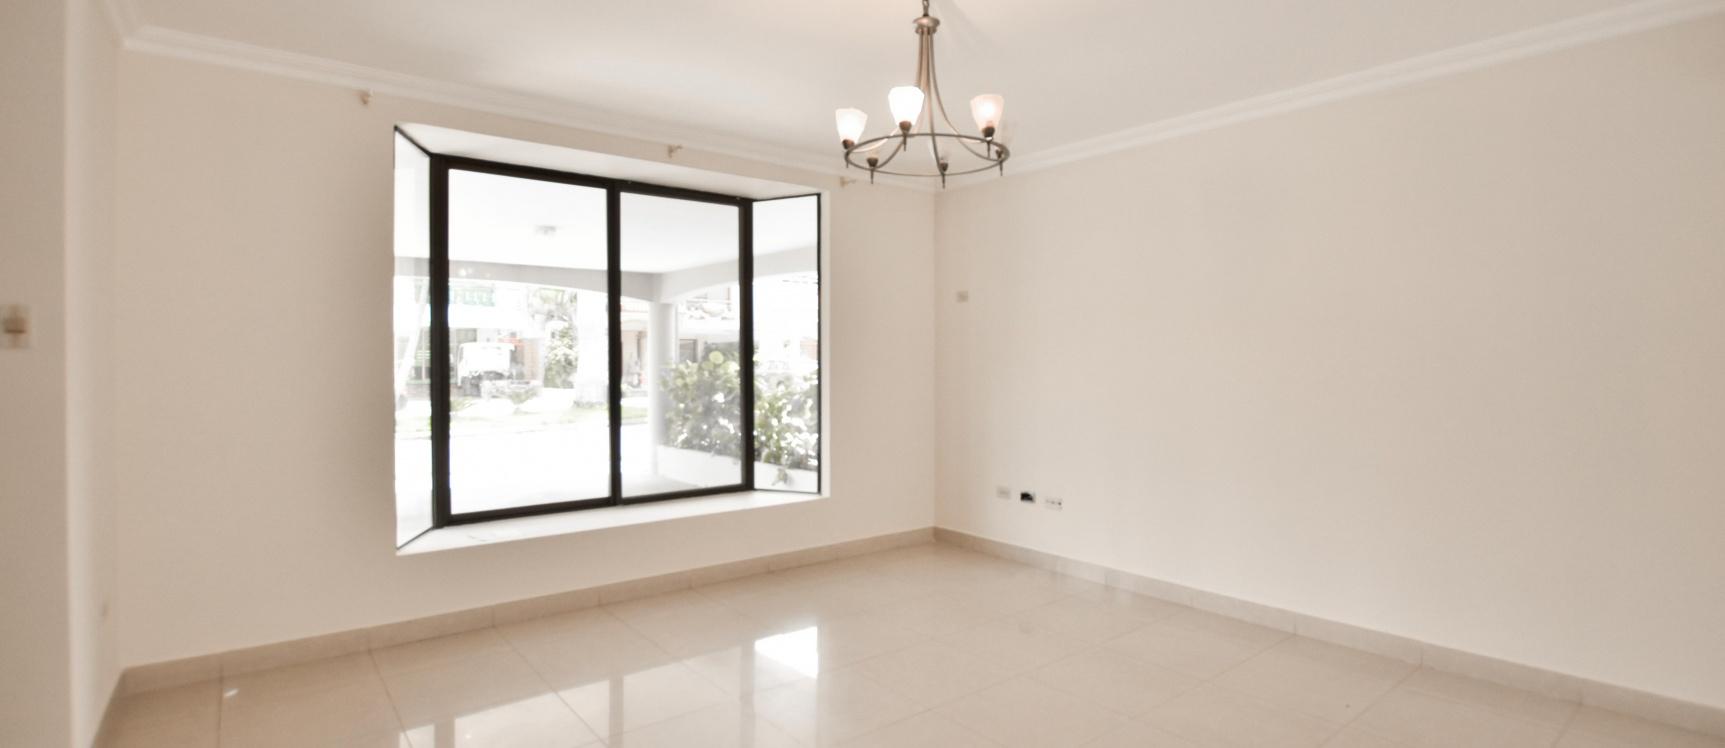 GeoBienes - Casa en alquiler en Urb. Camino del Río, Vía Samborondón km3 - Plusvalia Guayaquil Casas de venta y alquiler Inmobiliaria Ecuador